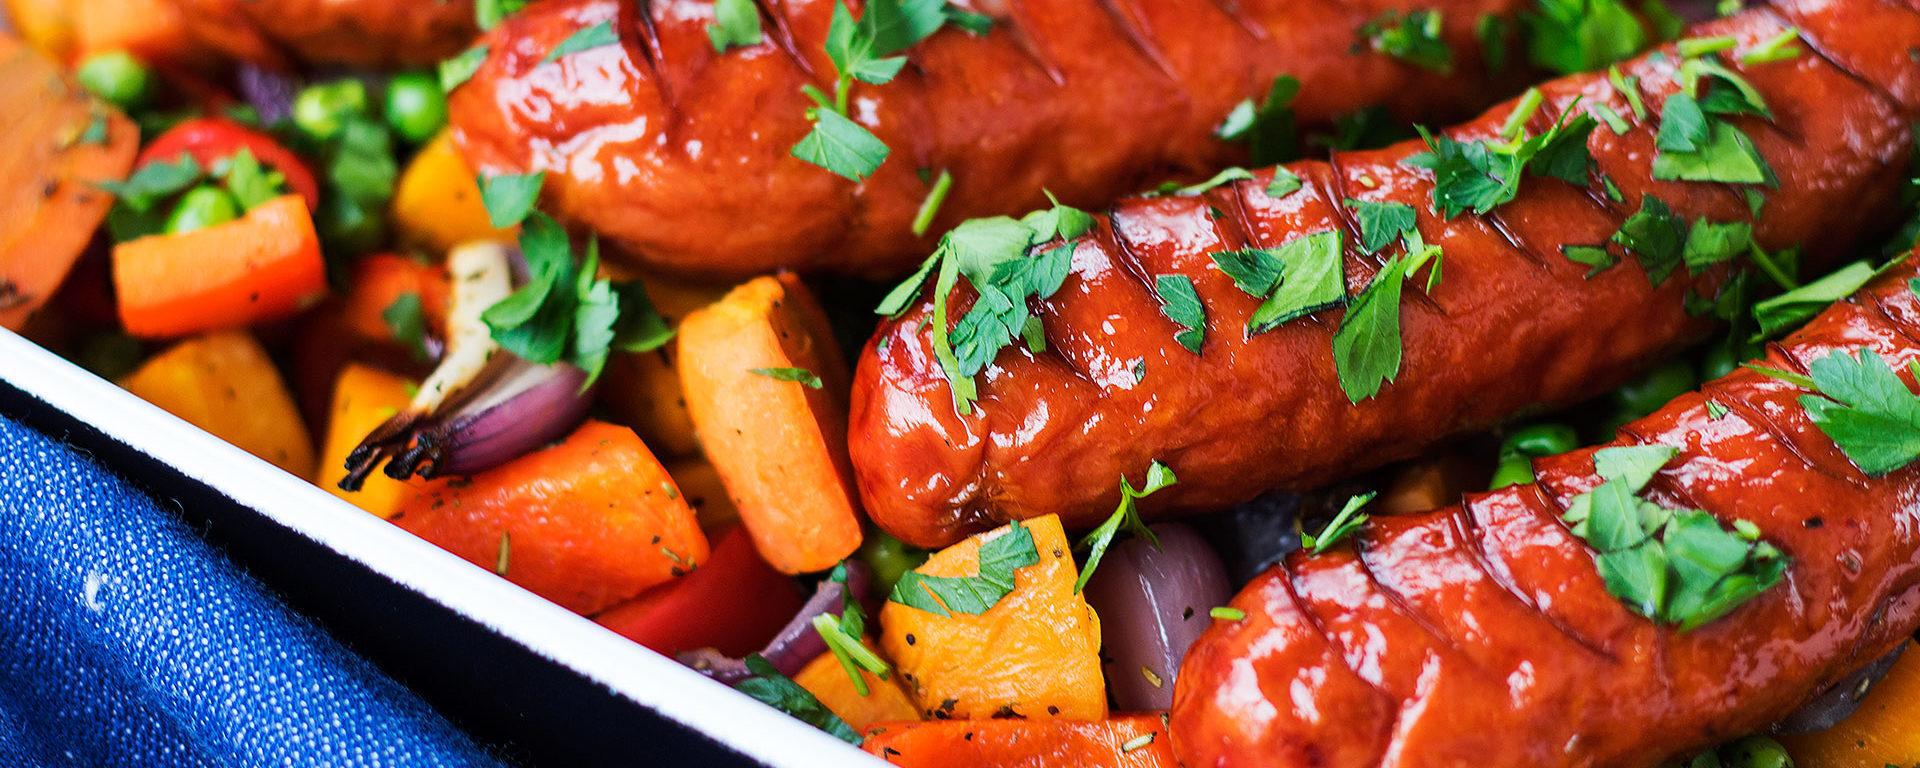 Pieczone kiełbaski z warzywami